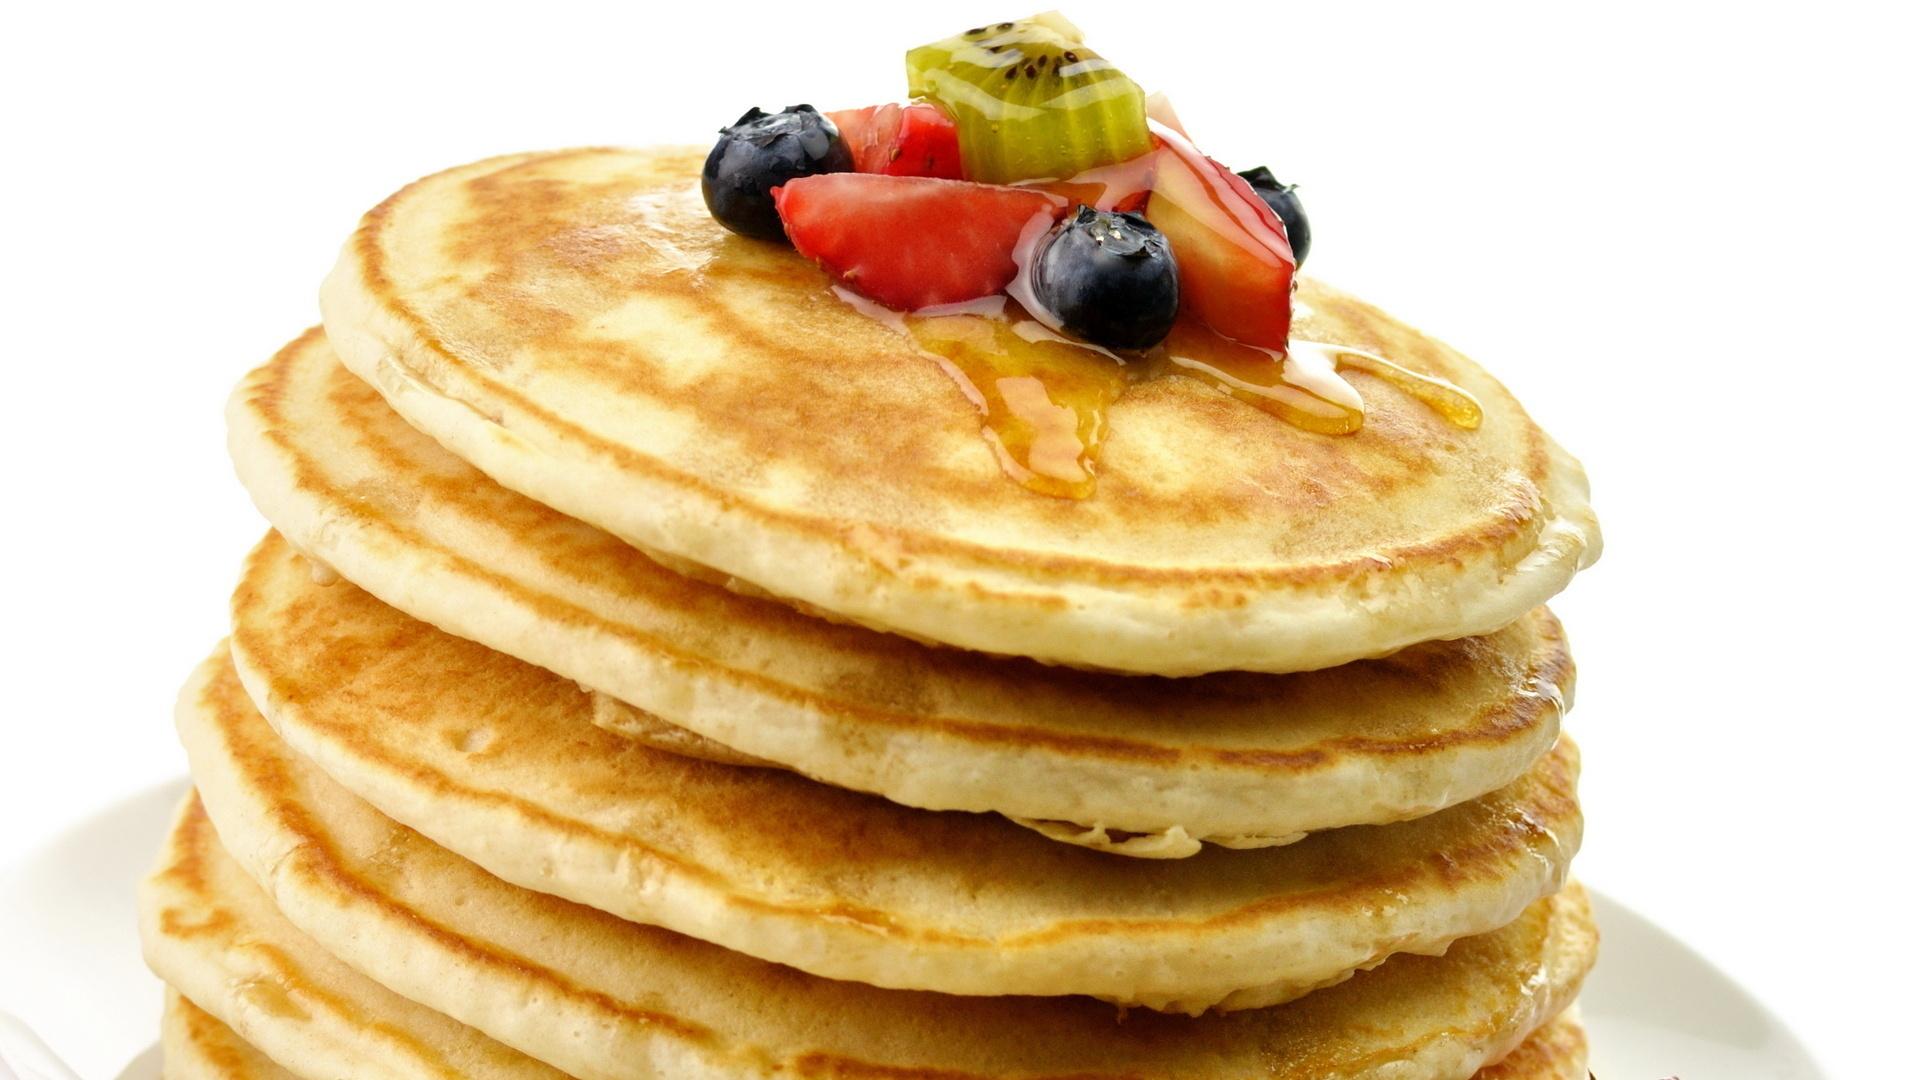 Pancakes Wallpaper 40416 1920x1080px 1920x1080